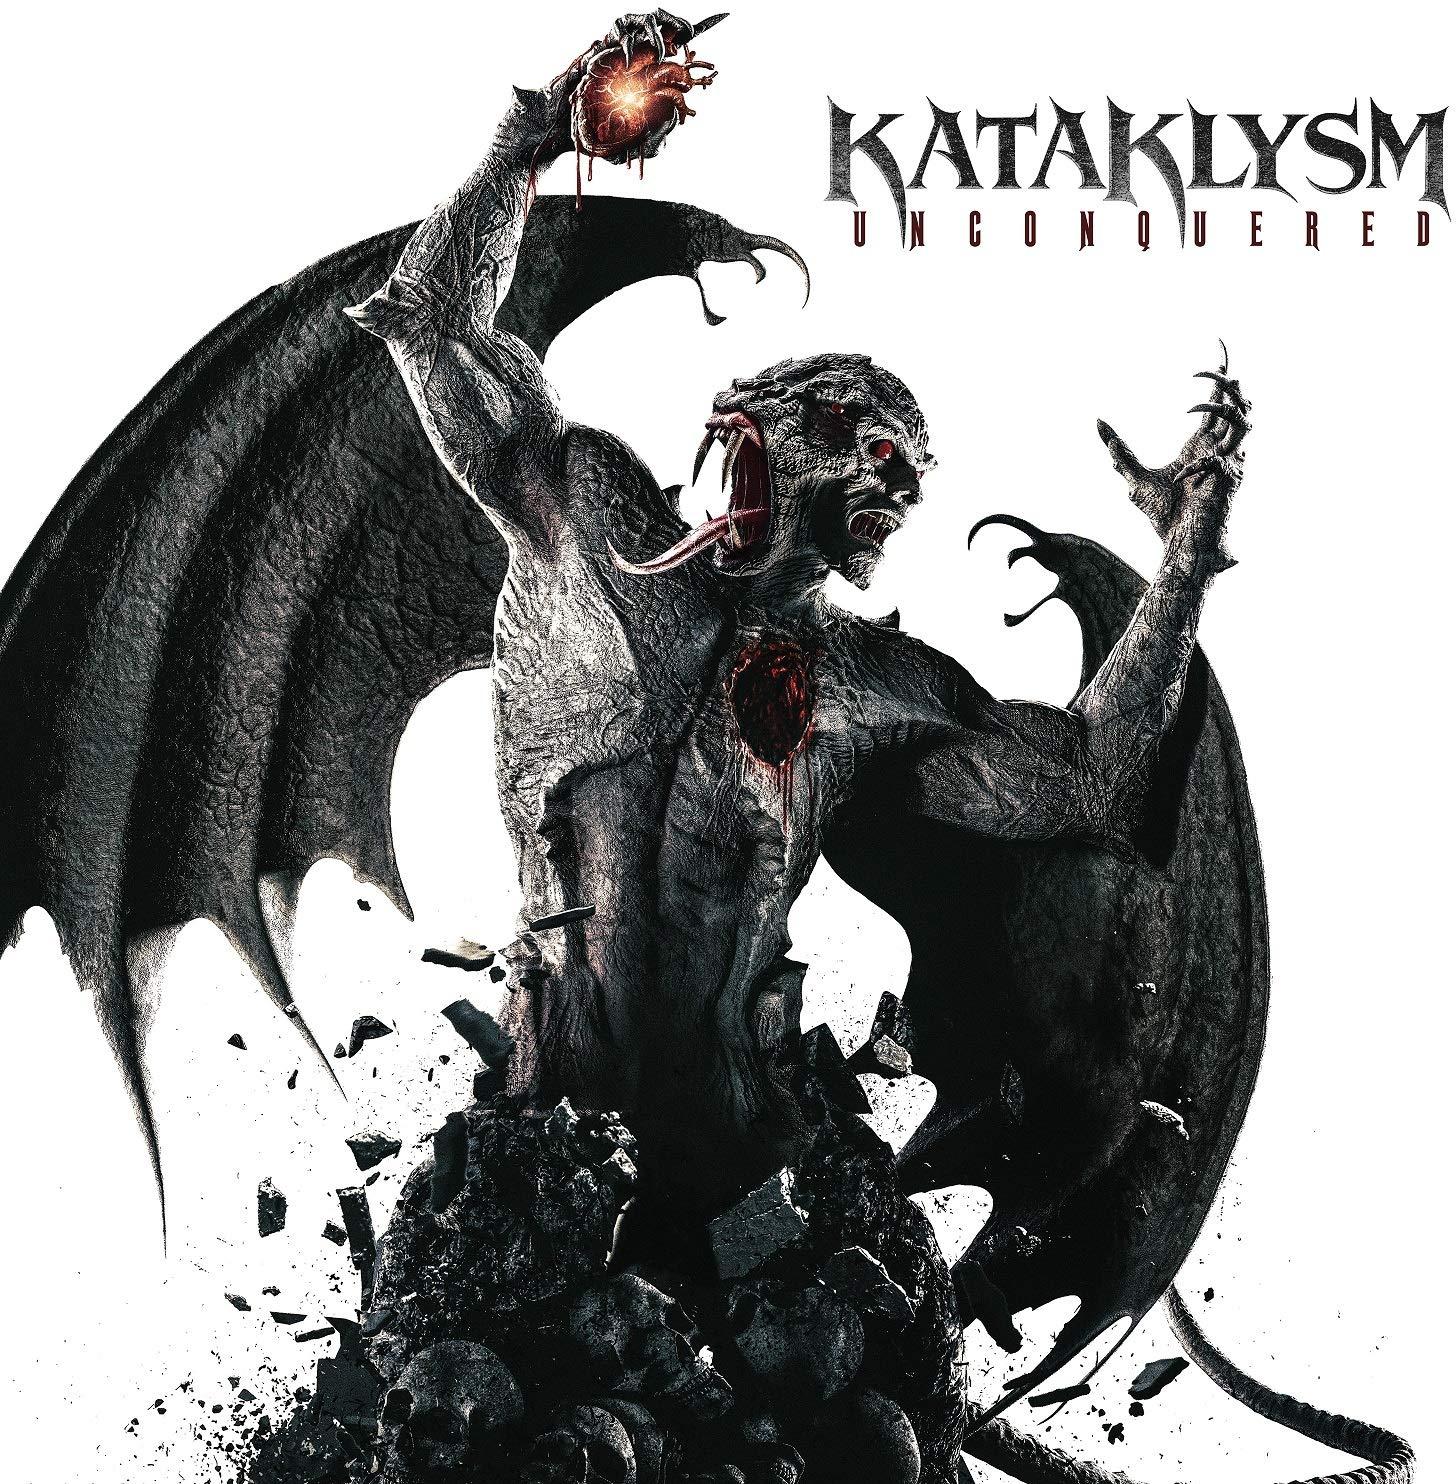 Kataklysm - Unconquered (2020) [FLAC] Download